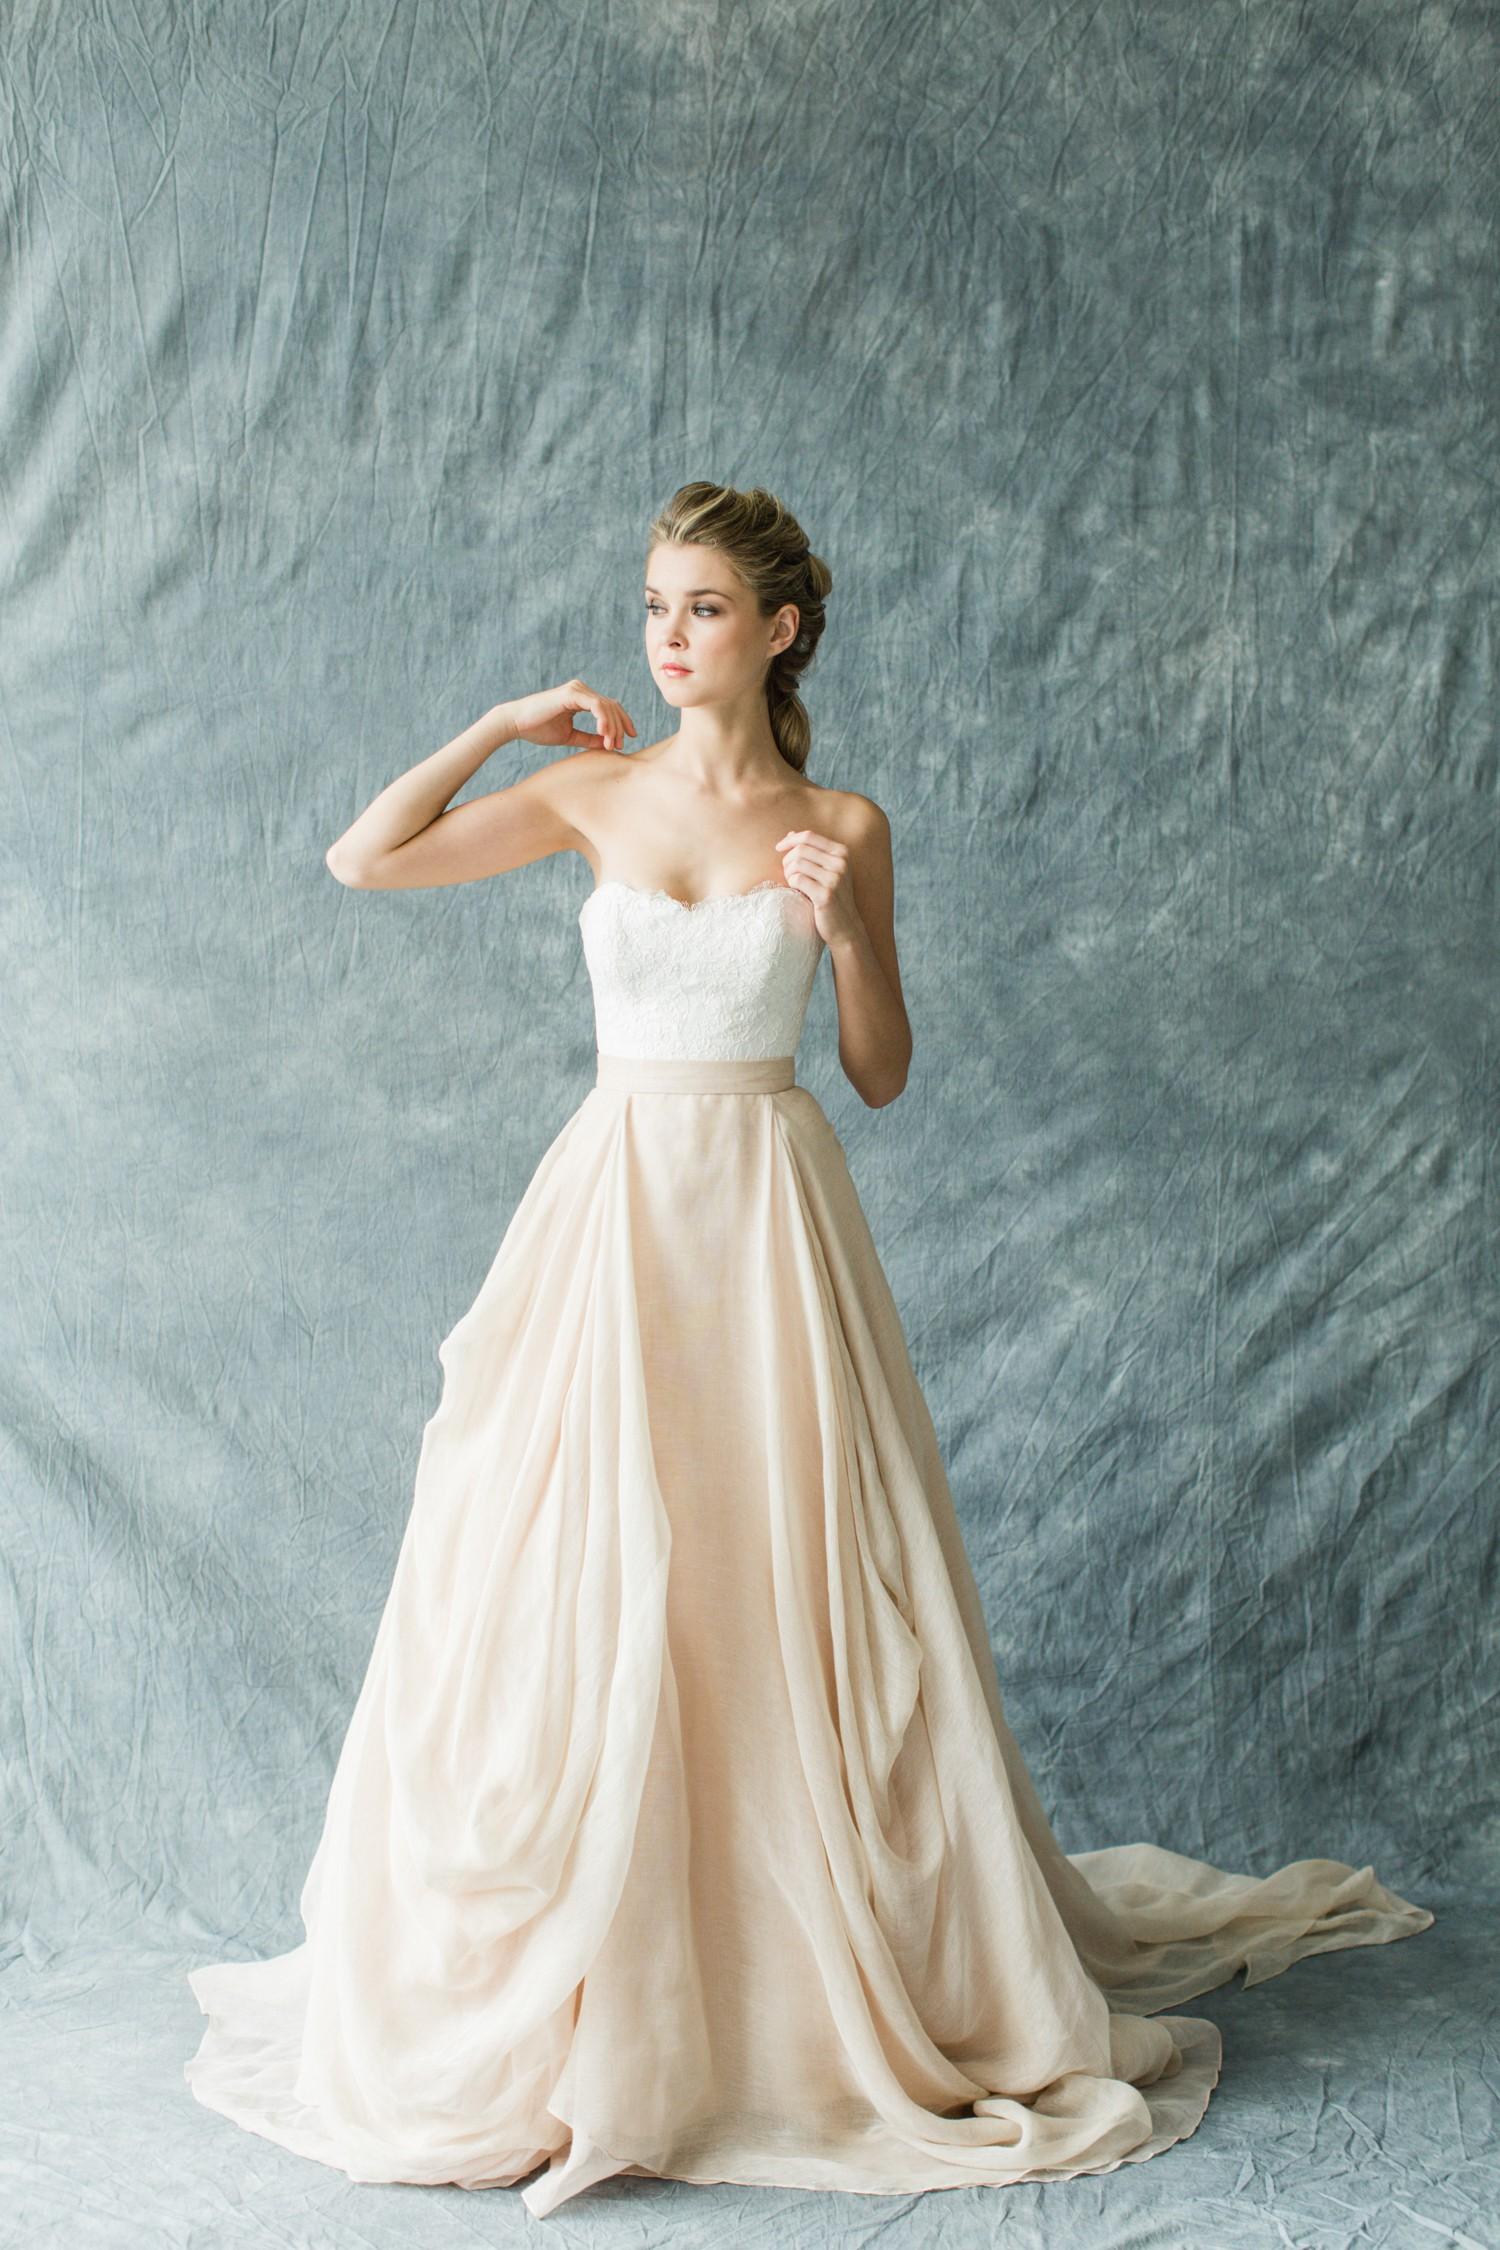 Carol Hannah Kensington Skirt - New Wedding Dresses - Stillwhite